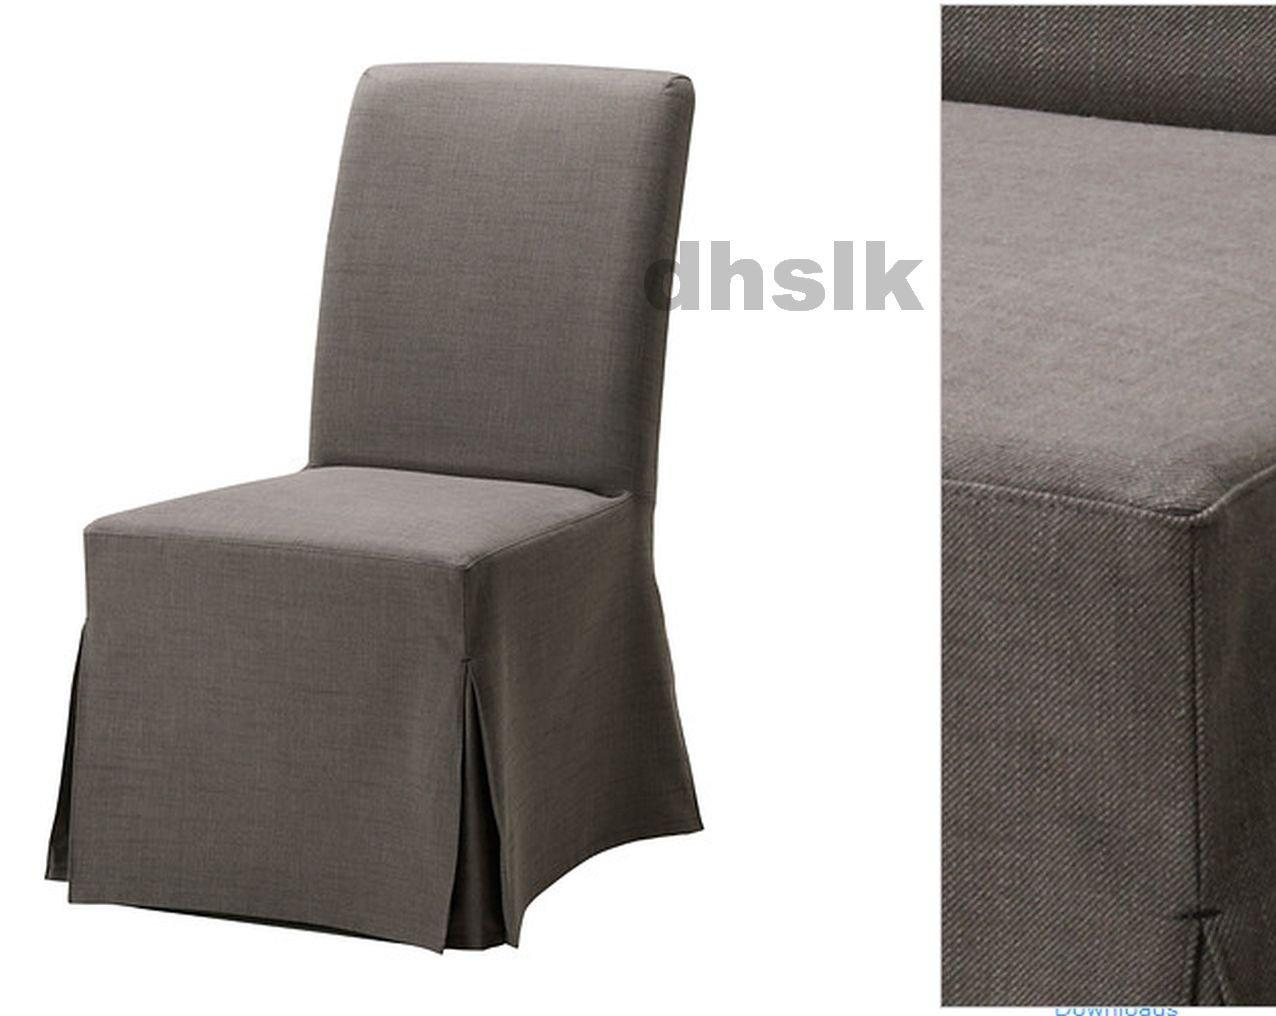 Ikea Henriksdal Chair Slipcover Cover Skirted Svanby Gray